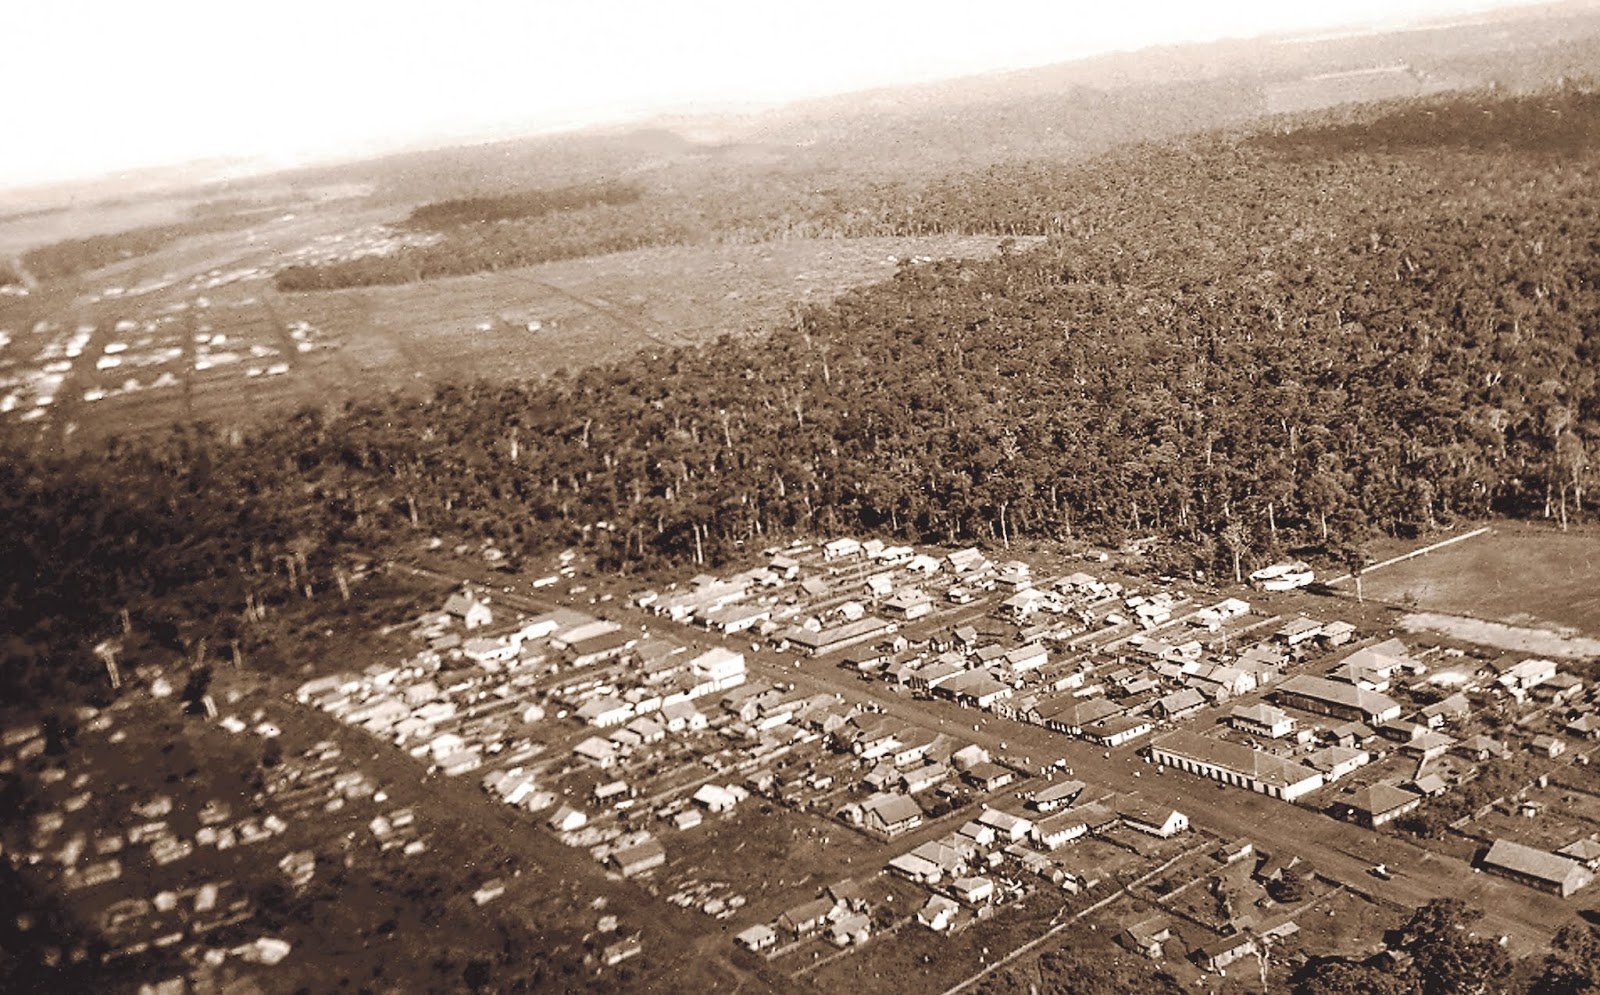 Vista aérea do Maringá Velho - Década de 1940